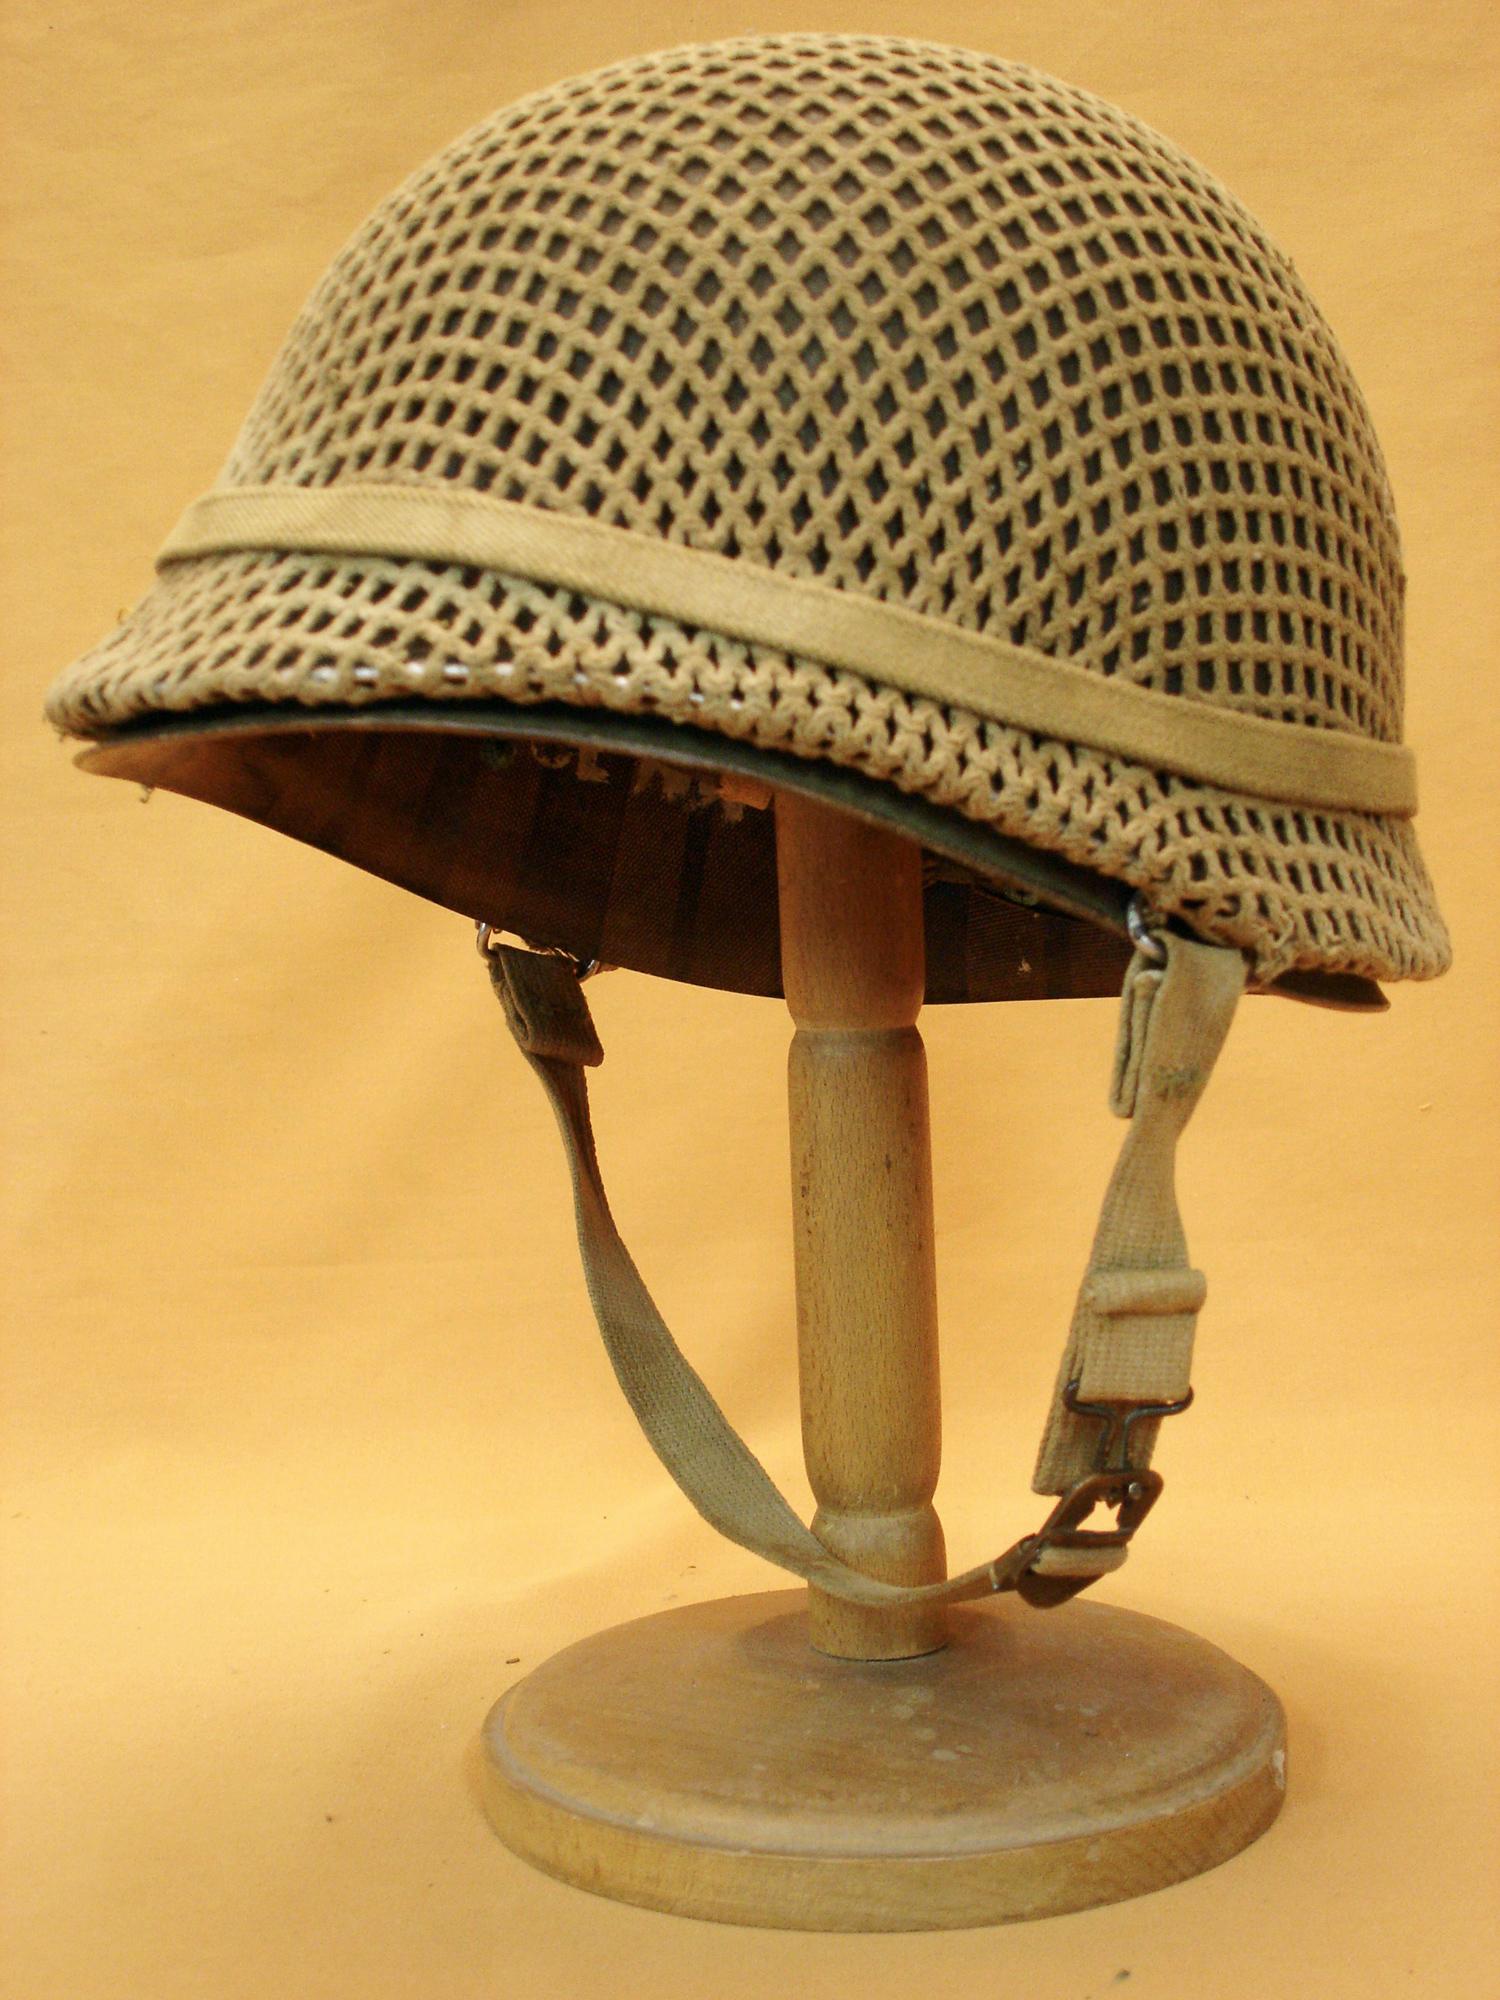 Casque USM1 d'un soldat en Indochine.